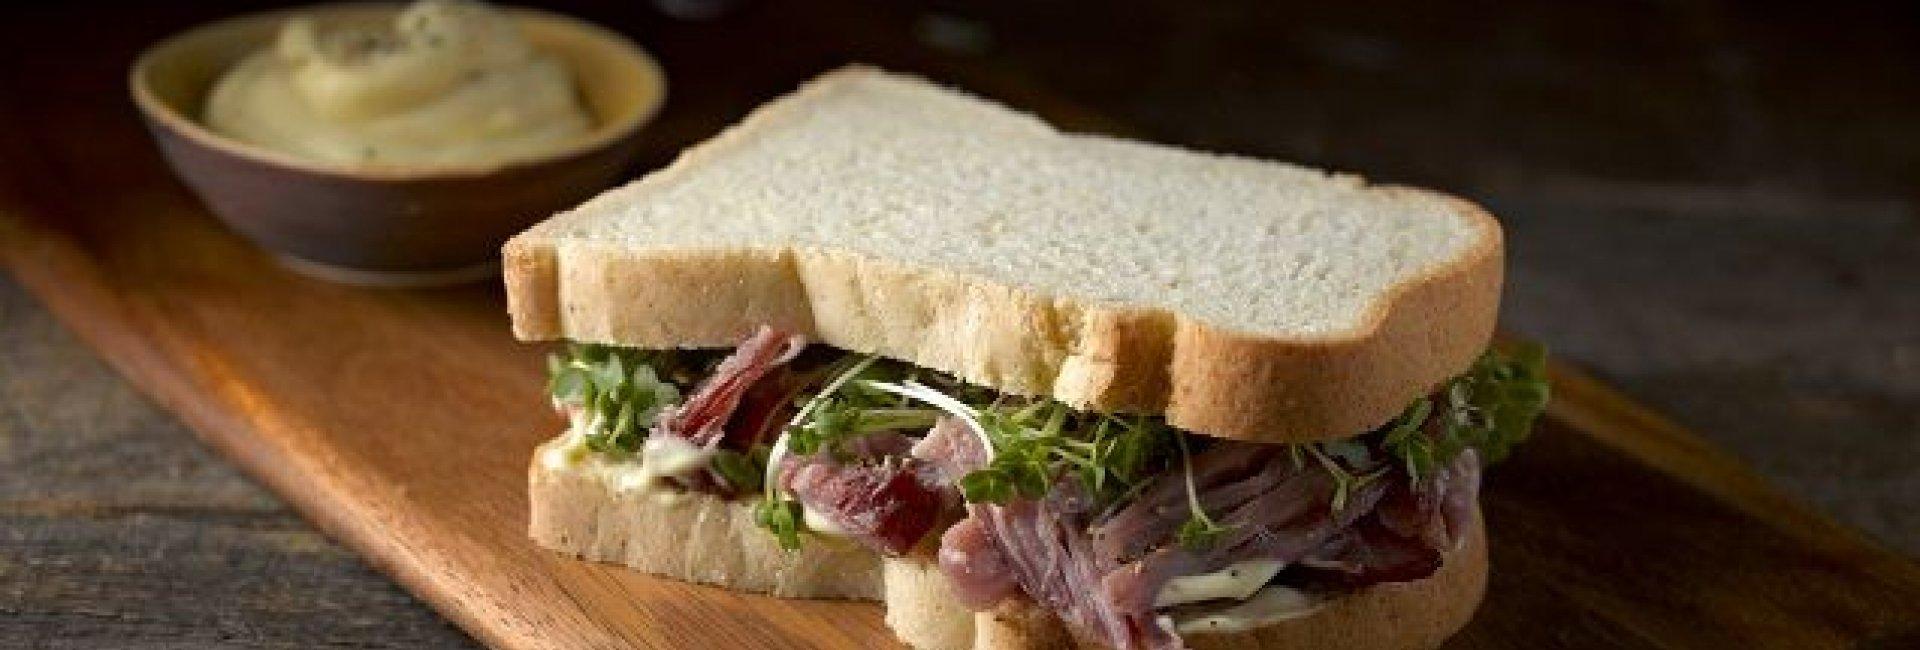 Ham Hock Sandwich Recipe Warburtons Gluten Free